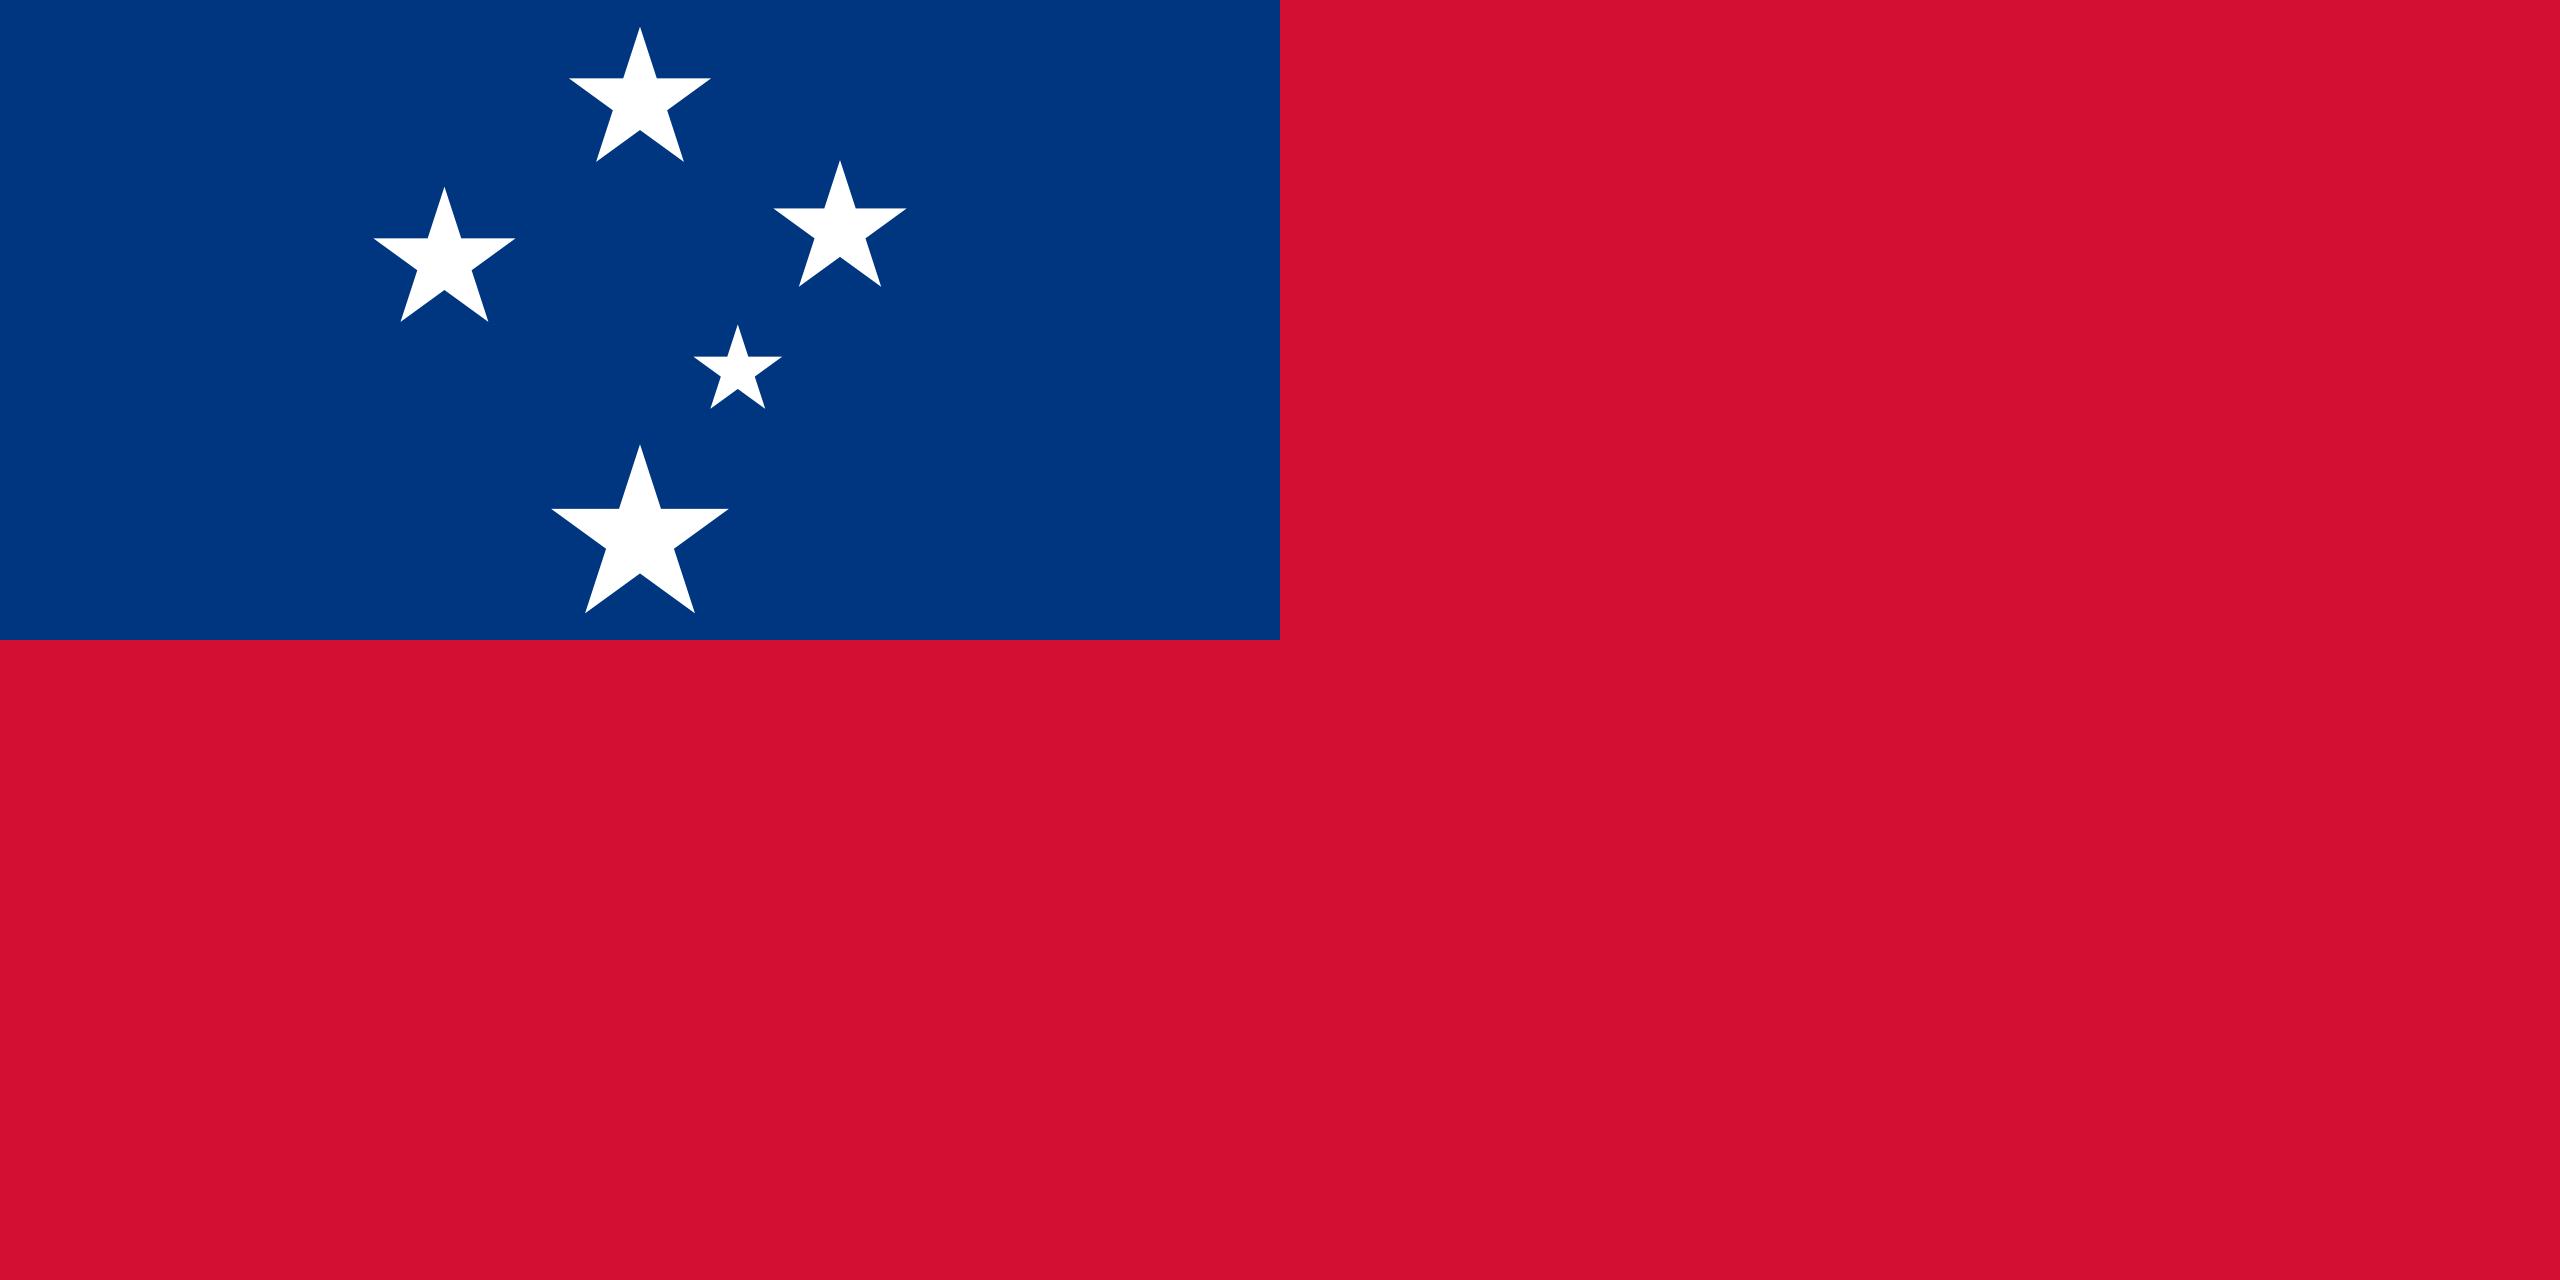 Samoa, pays, emblème, logo, symbole - Fonds d'écran HD - Professor-falken.com